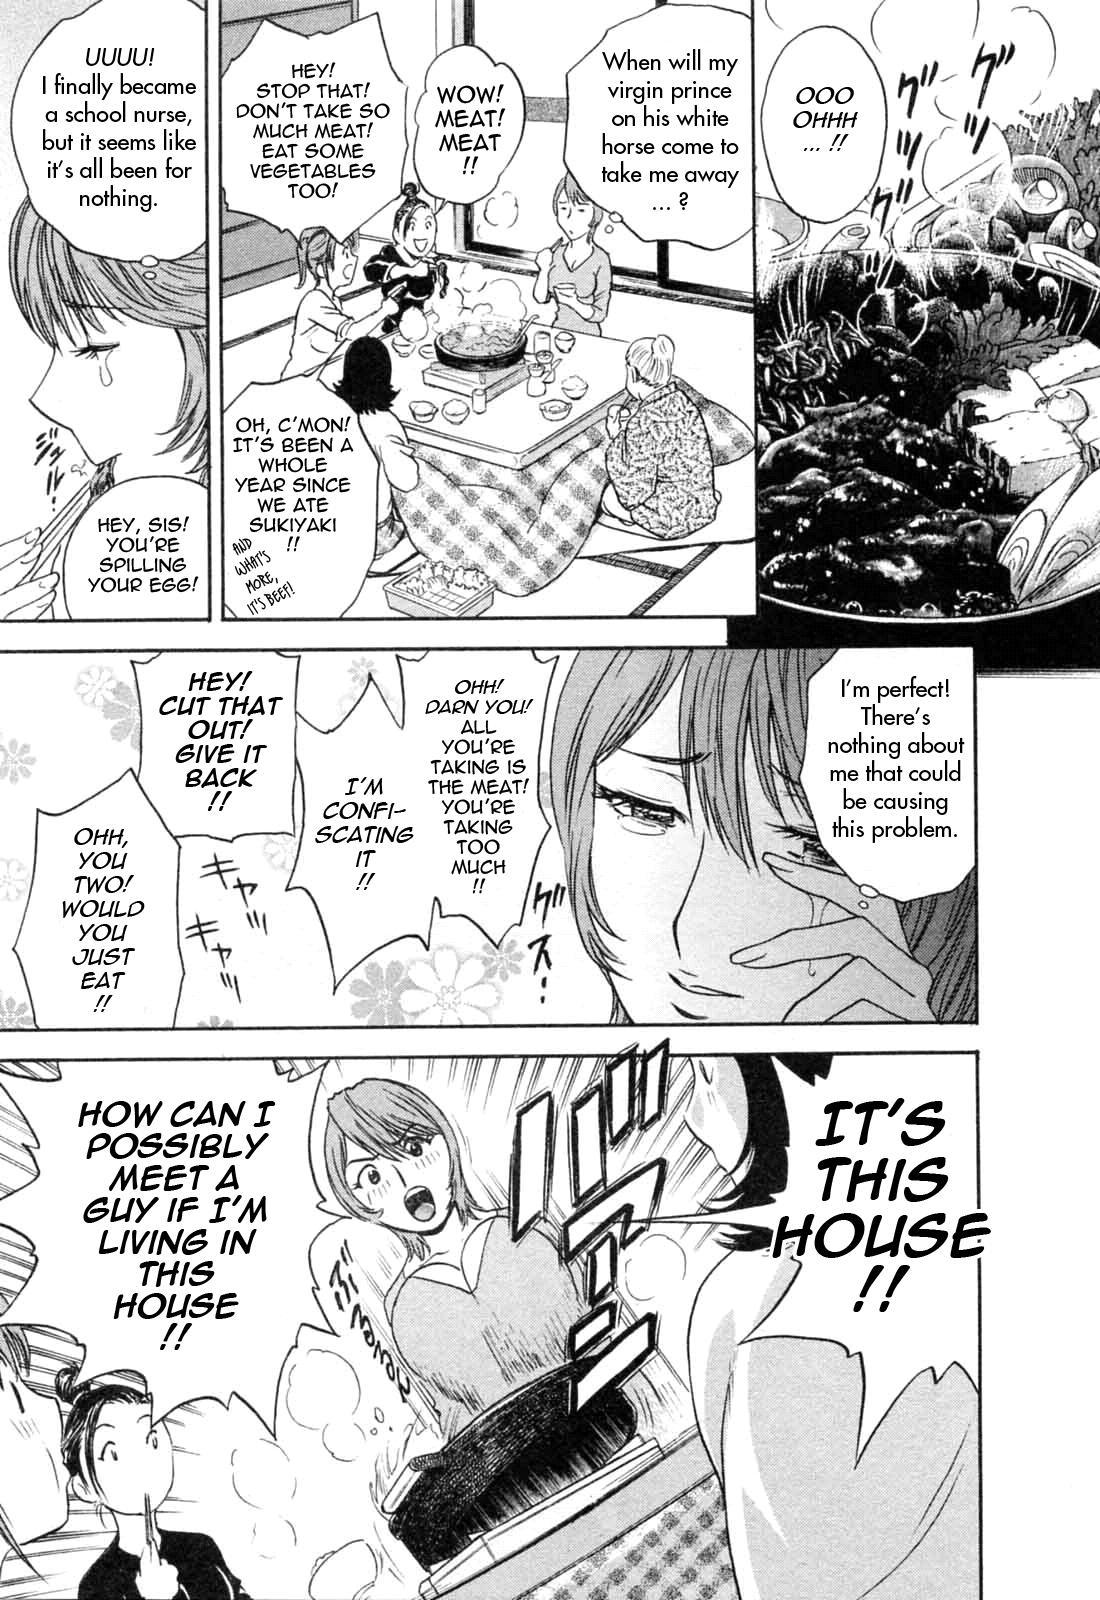 [Hidemaru] Mo-Retsu! Boin Sensei (Boing Boing Teacher) Vol.5 [English] [4dawgz] [Tadanohito] 33